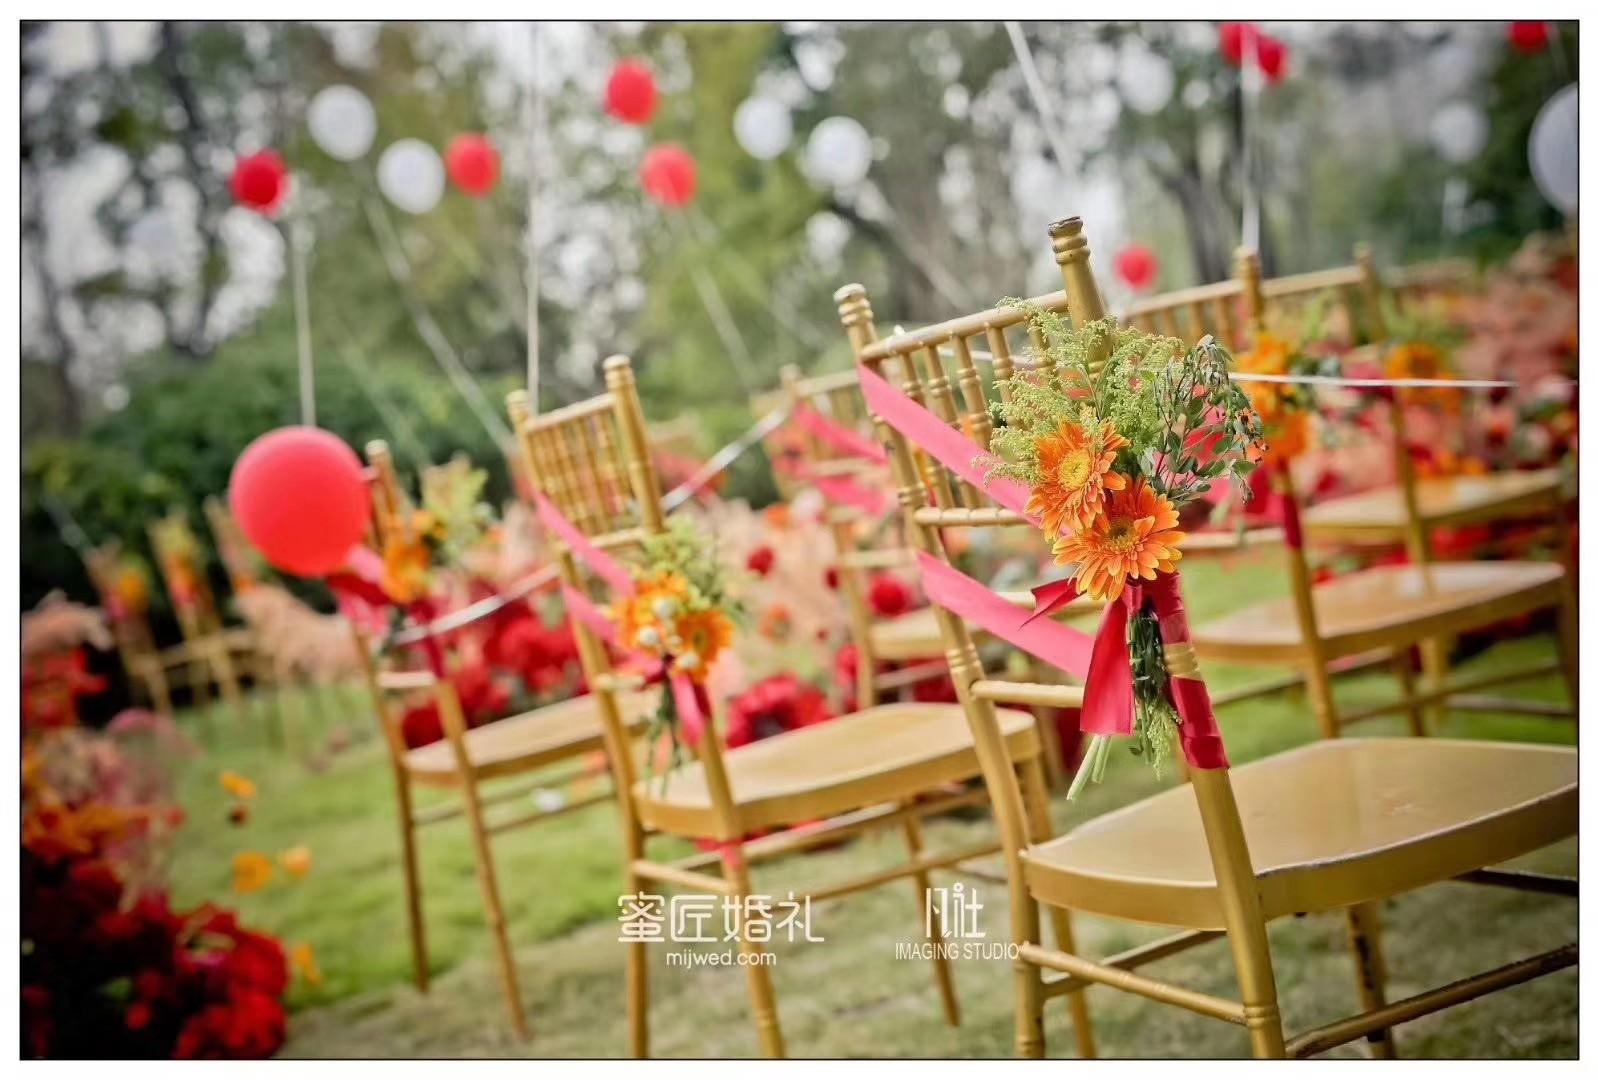 石家庄婚礼现场全程跟拍的价格 石家庄婚礼照相跟拍多少钱